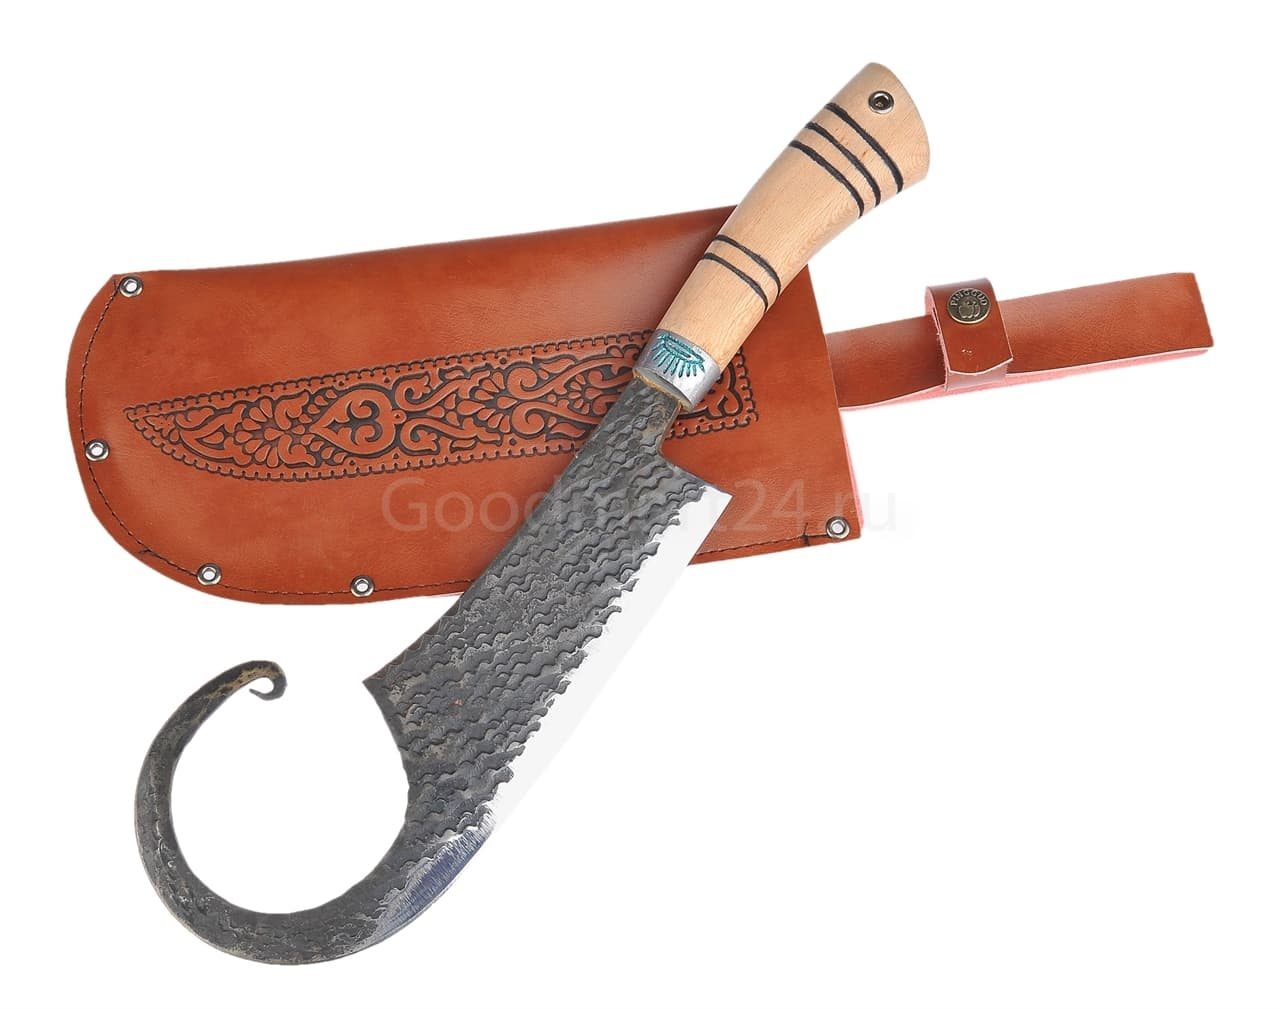 Топорик большой Гиймякеш, с ножнами, ШХ15 , гарда олово гравировка, ручка абрикос, 20-23 см. арт.42 - фото 8027